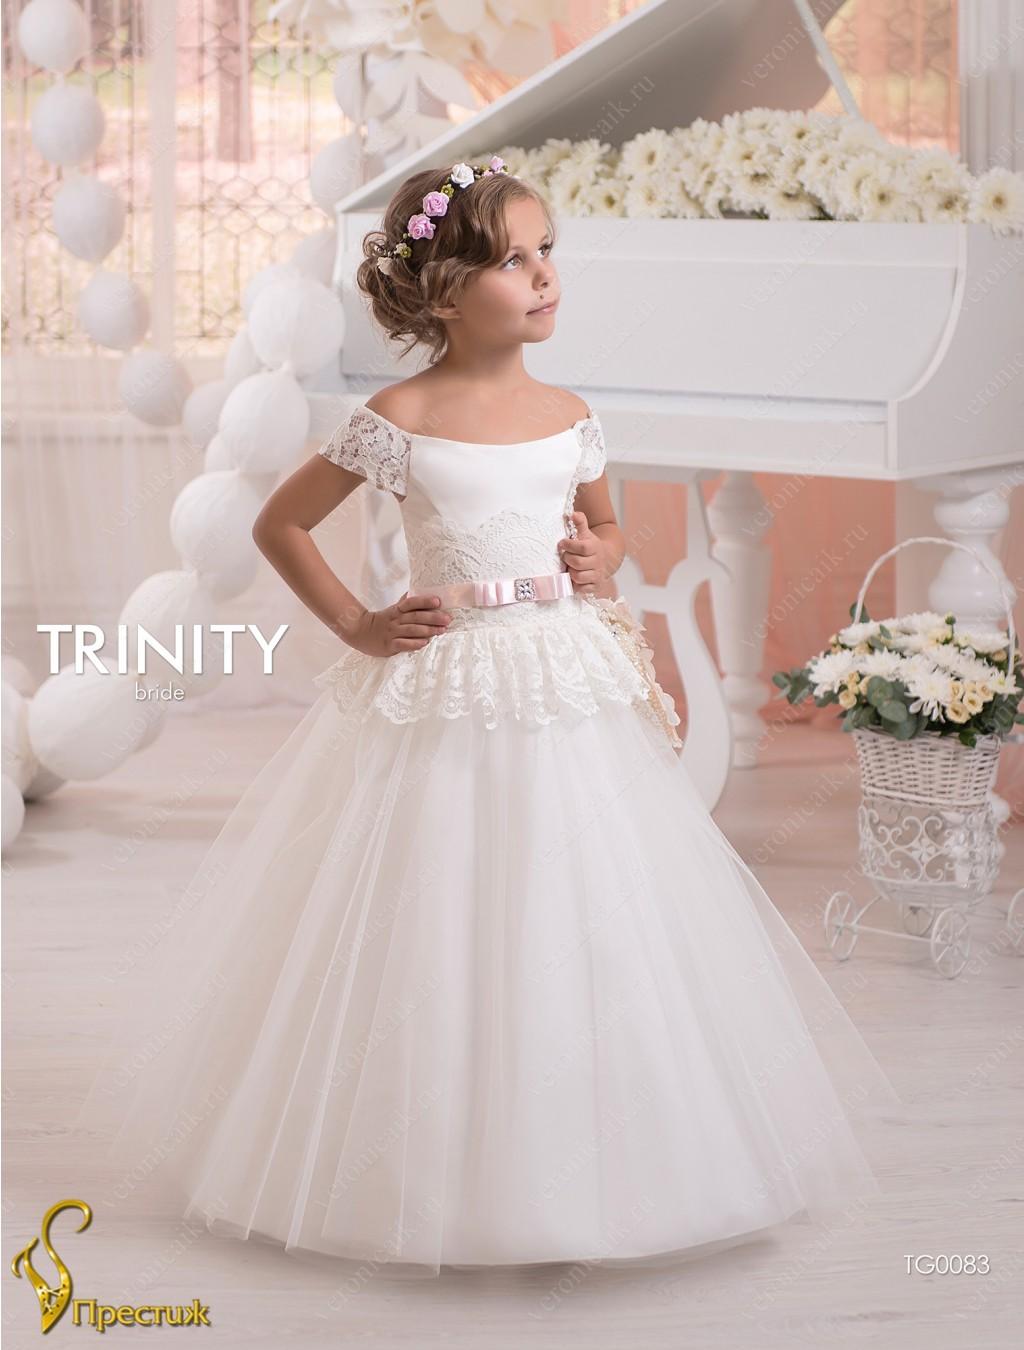 Сбор заказов. Распродажа. Праздничные, красивые платьица для ваших принцесс VeronicaiK - 49. В гостях у сказки